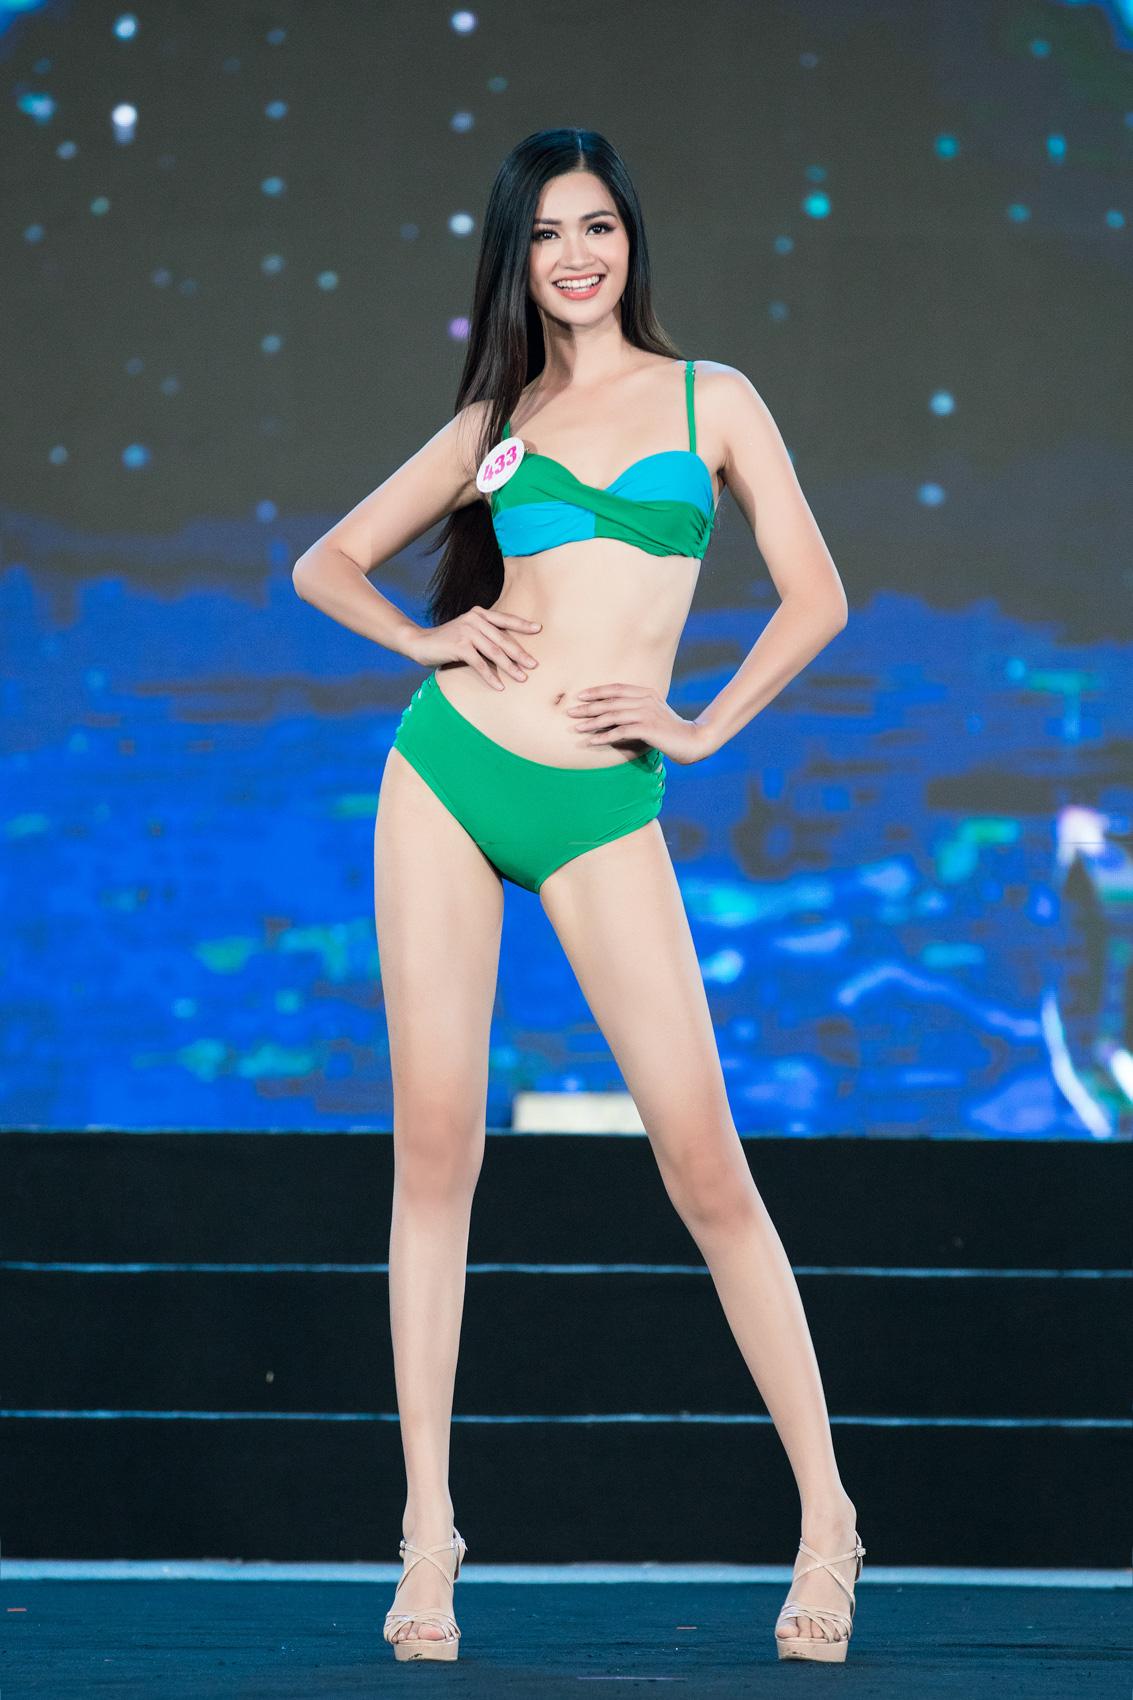 """Top 40 mặc bikini quyến rũ """"bỏng rẫy"""" gây """"sốt"""" tại Bán kết Hoa hậu Việt Nam 2020  - Ảnh 7."""